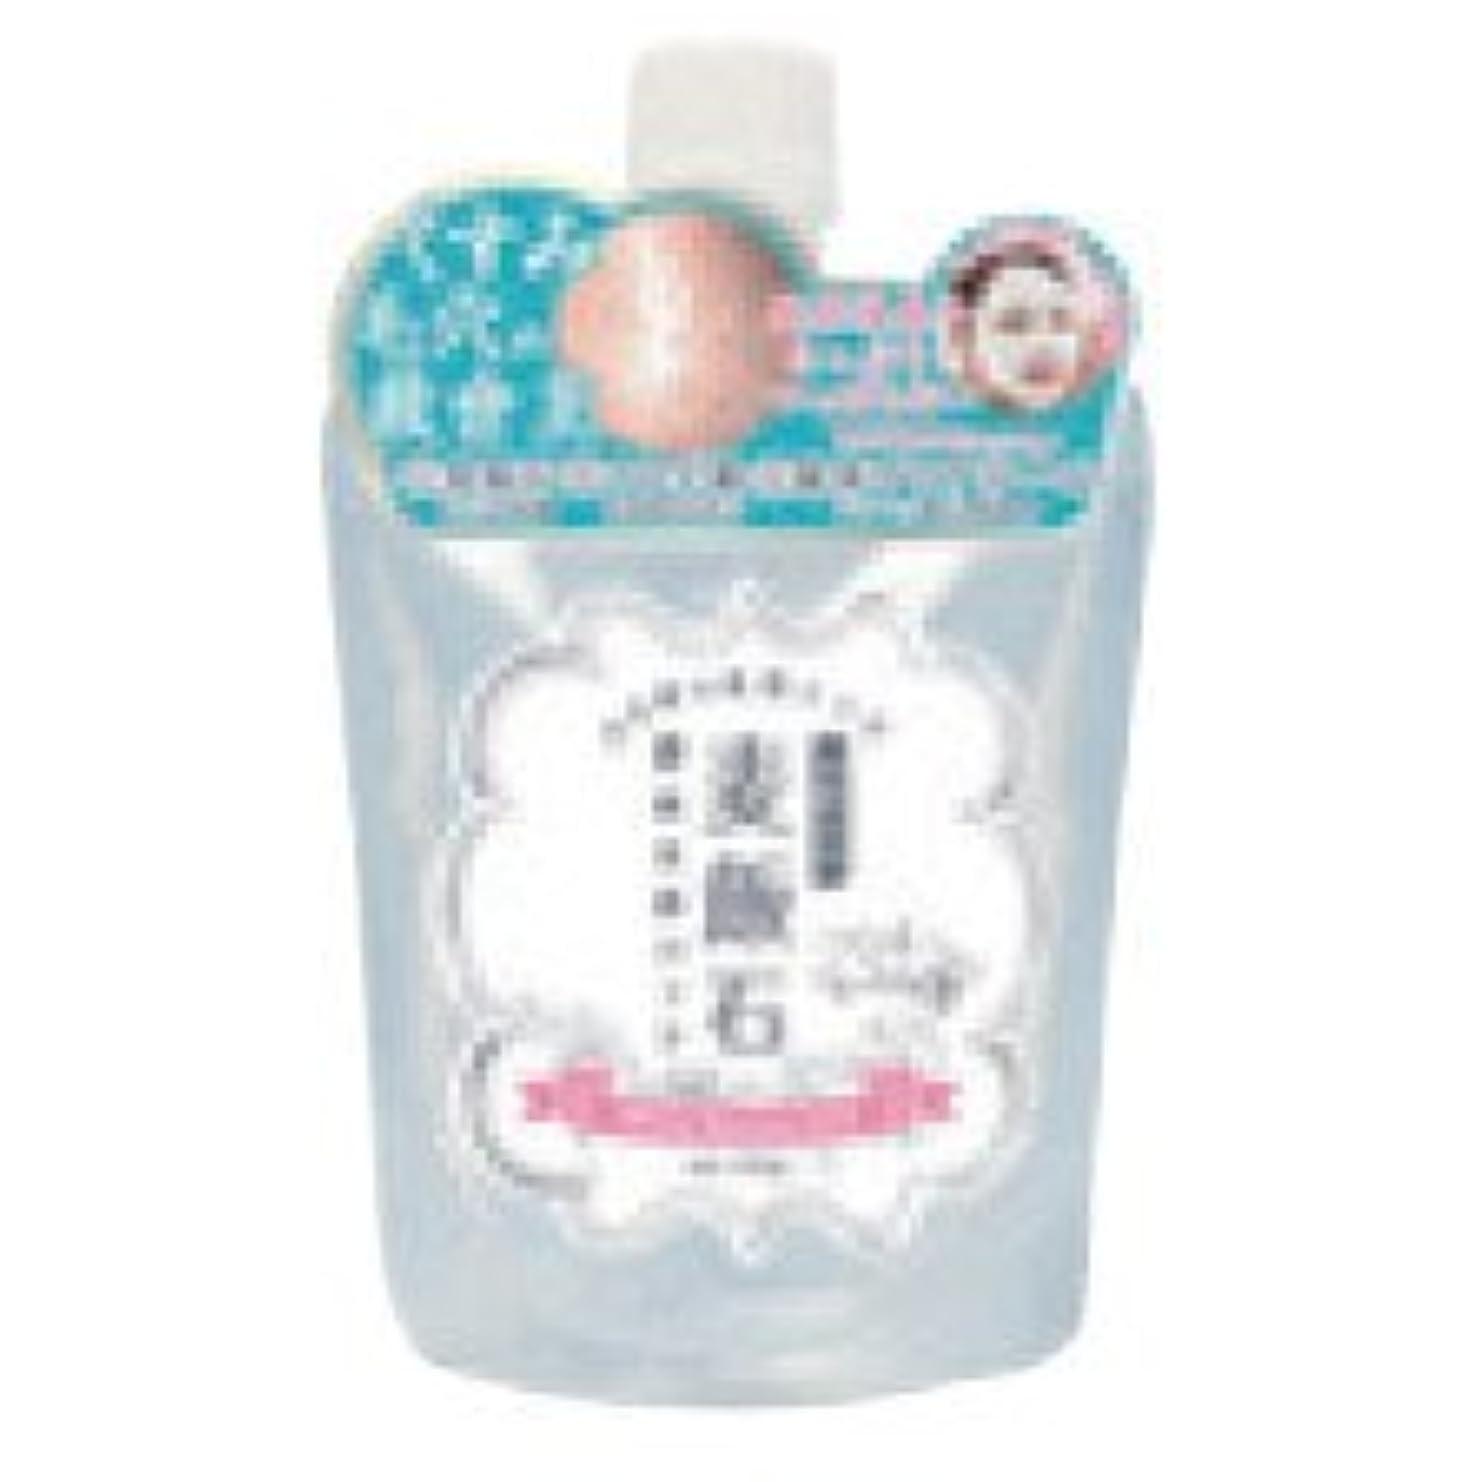 マークされたオーナー織機ホワイトムースパック 美濃白川麦飯石酵素洗顔パック 100g 3個セット